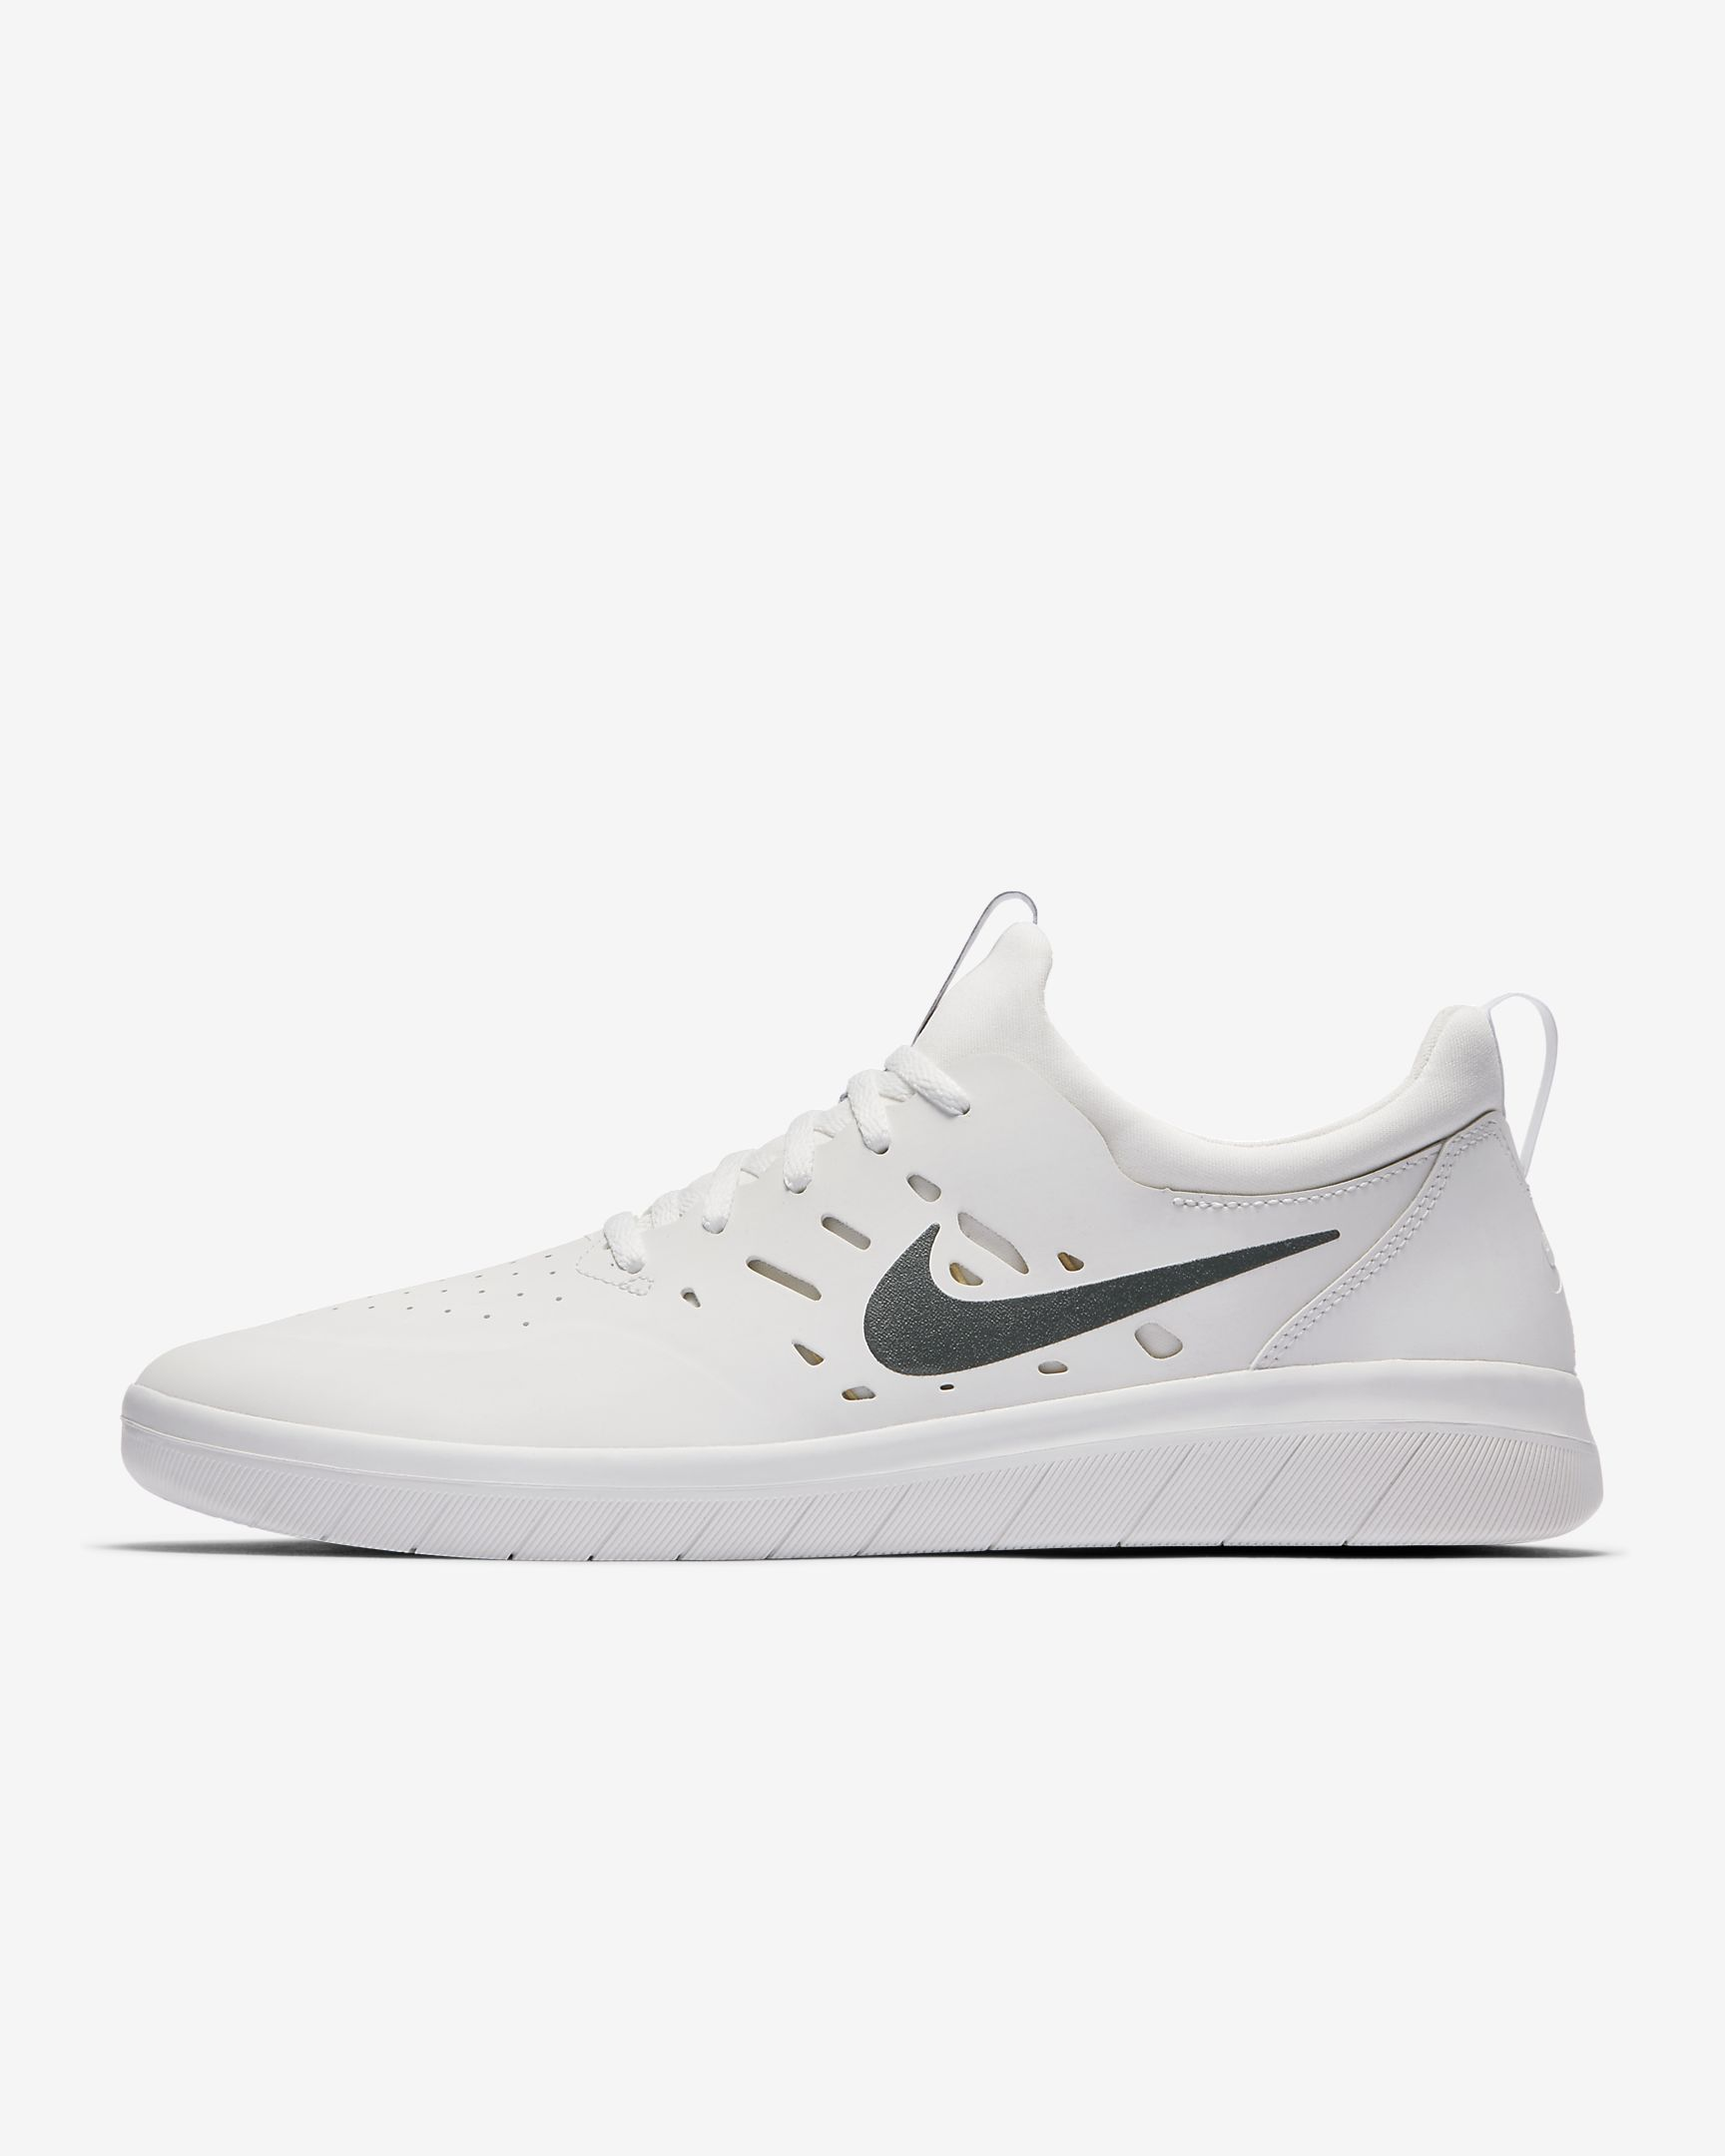 Nike SB Nyjah Pro Shoes